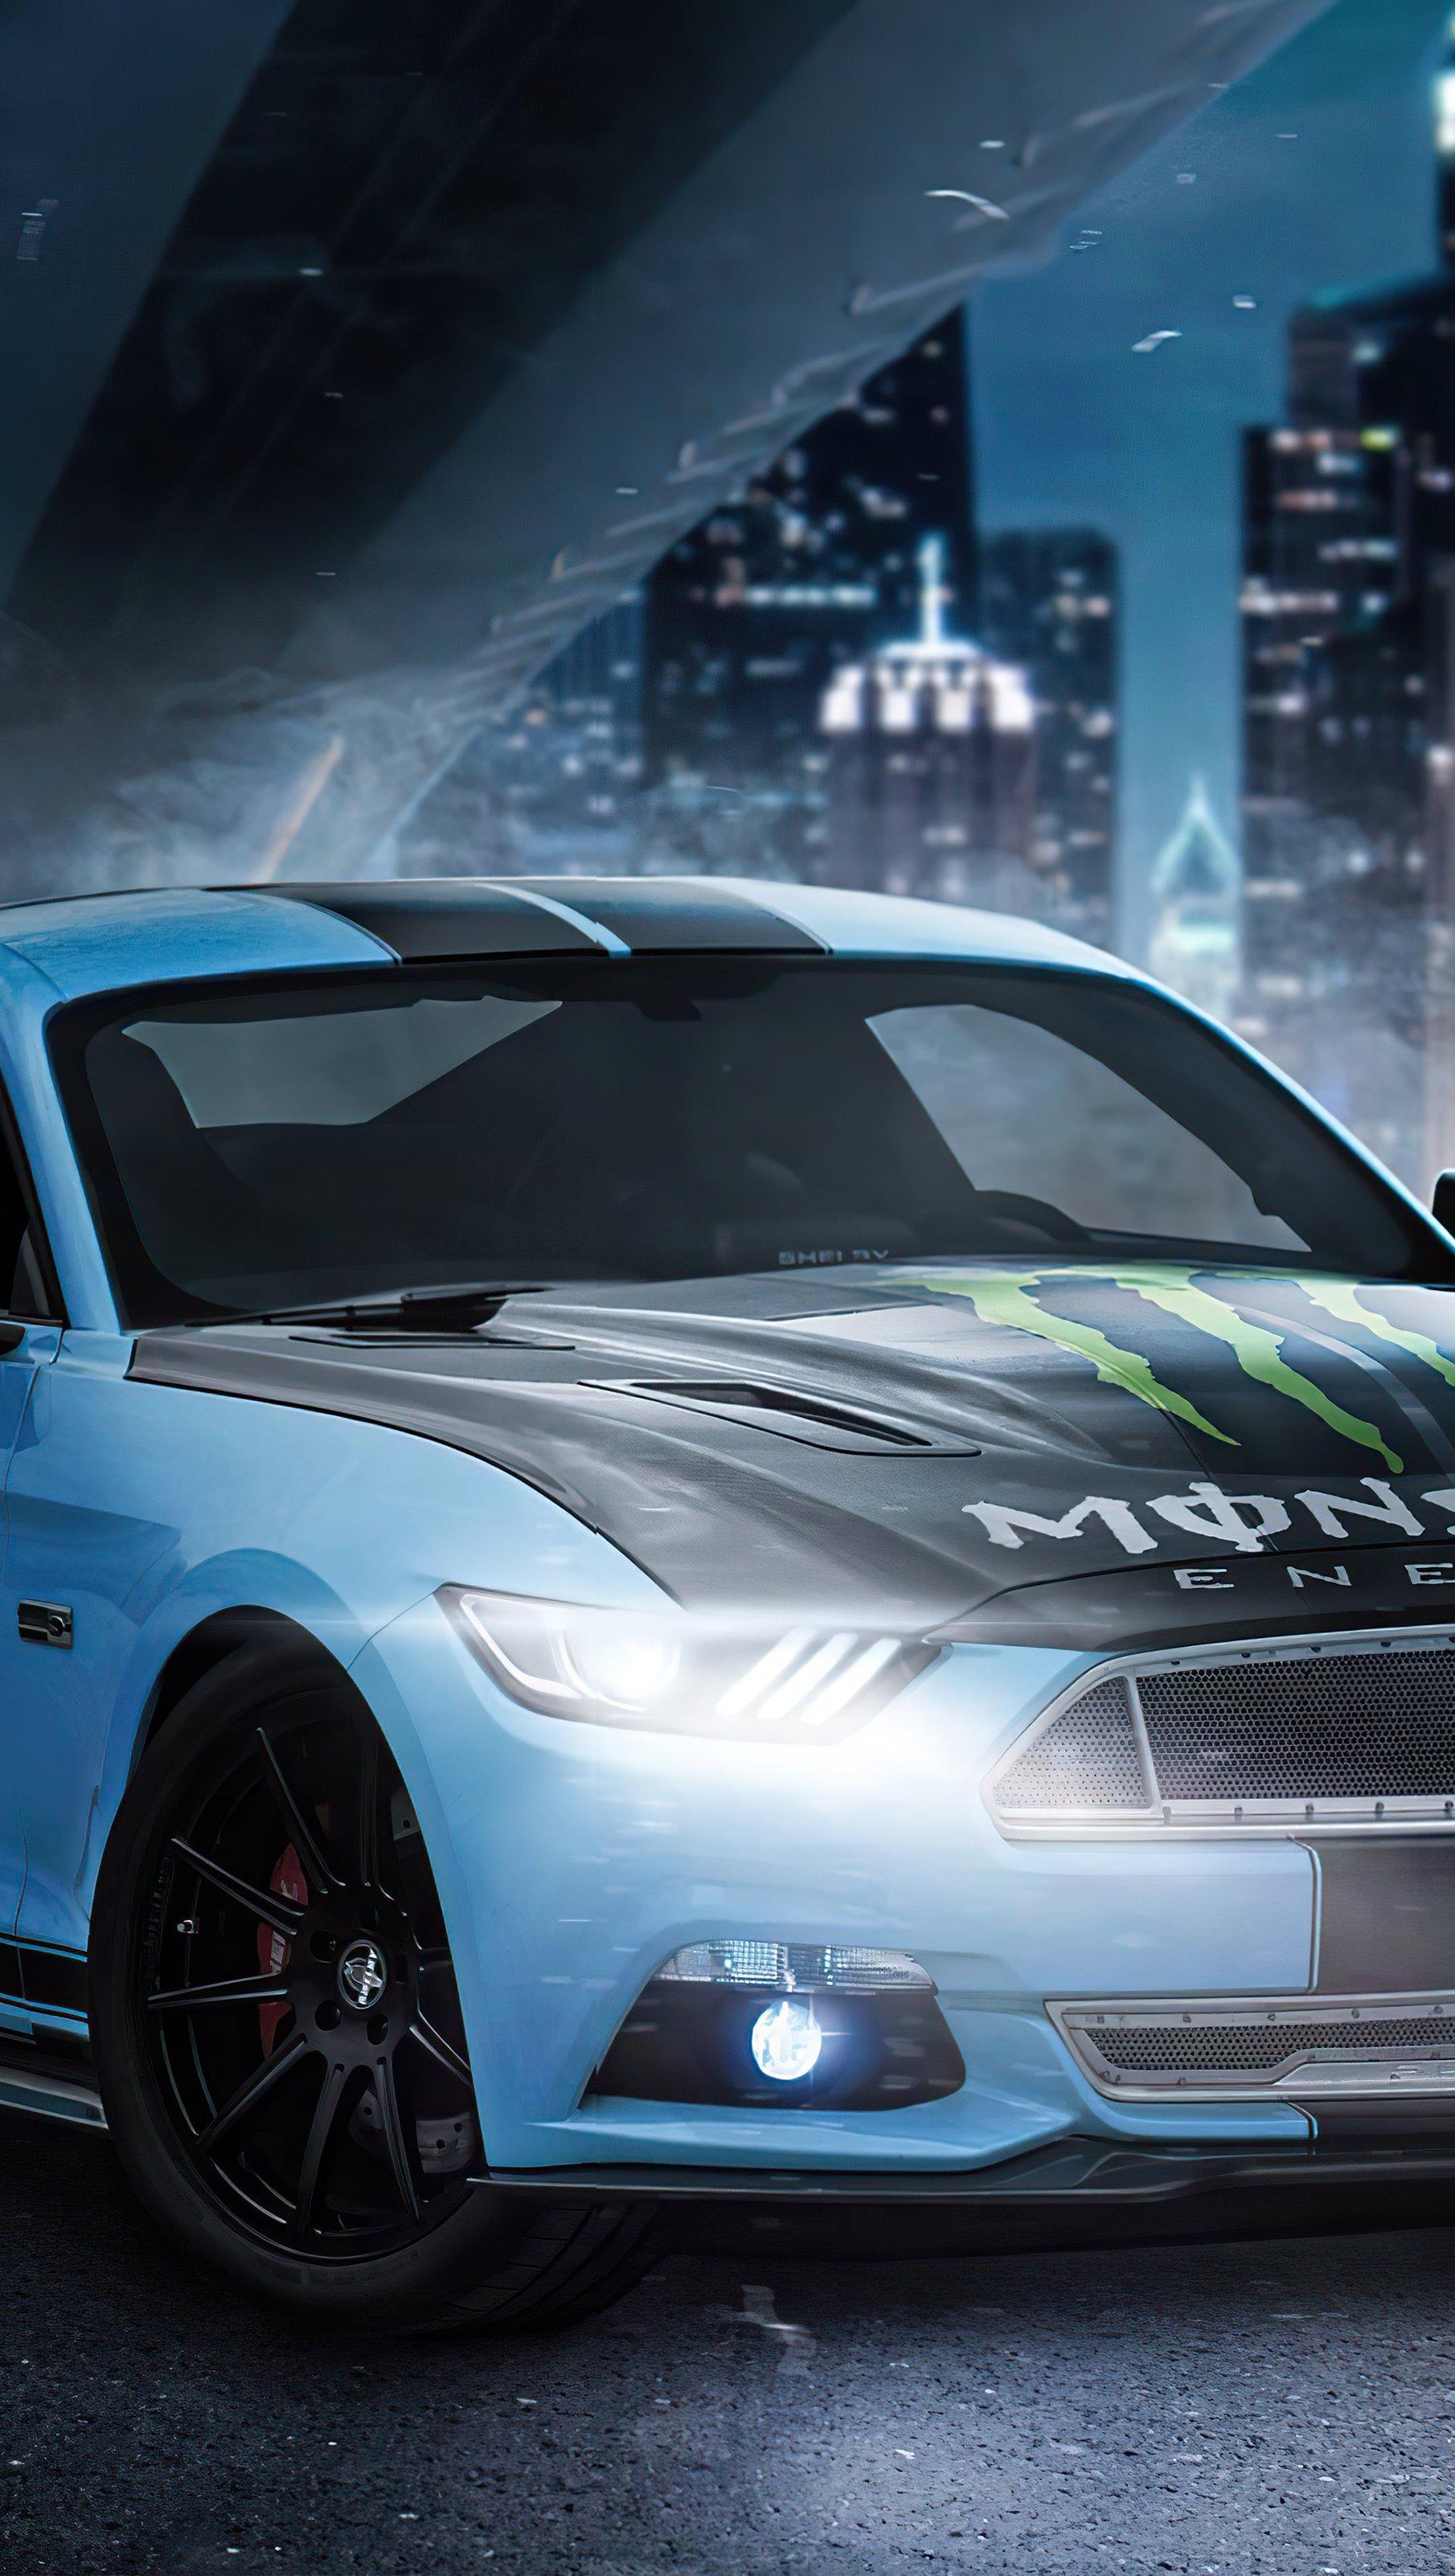 Fondos de pantalla Ford Mustang Skyblue en ciudad Vertical